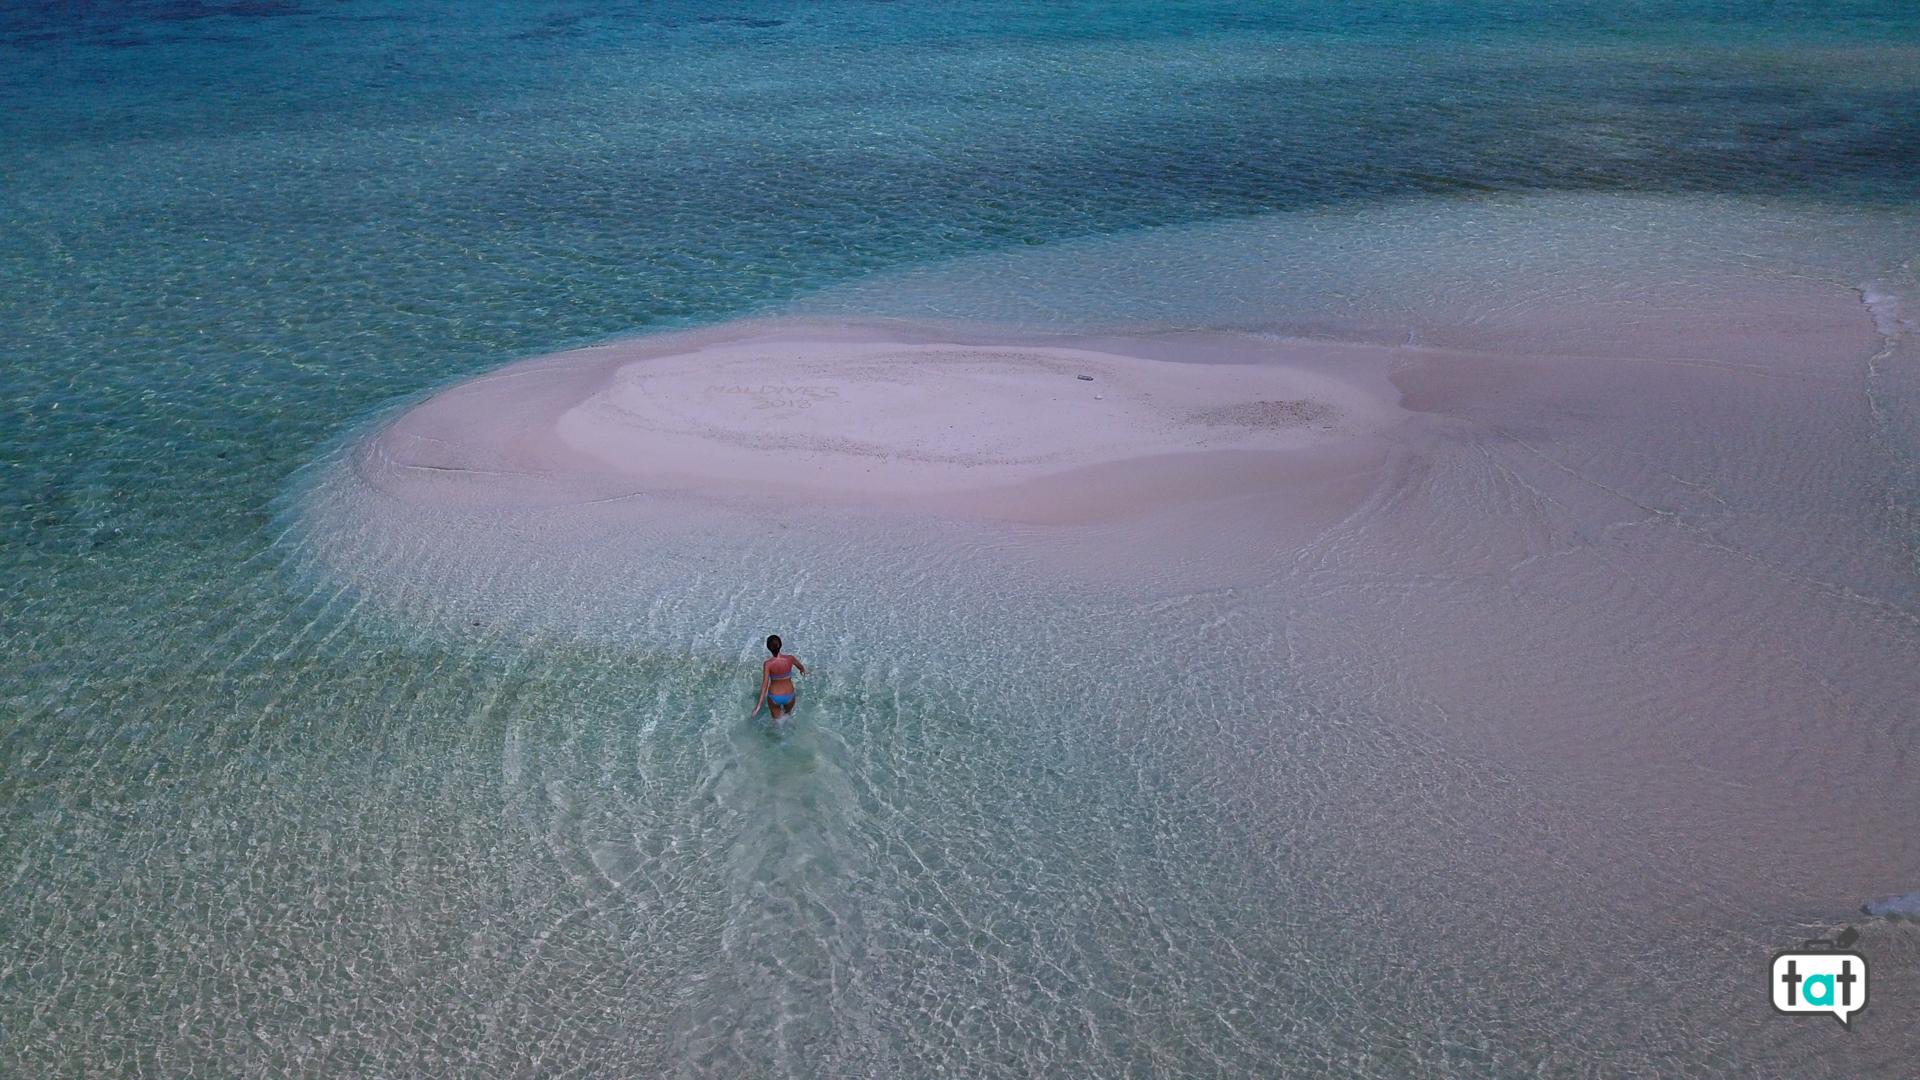 miglior spiagge maldive